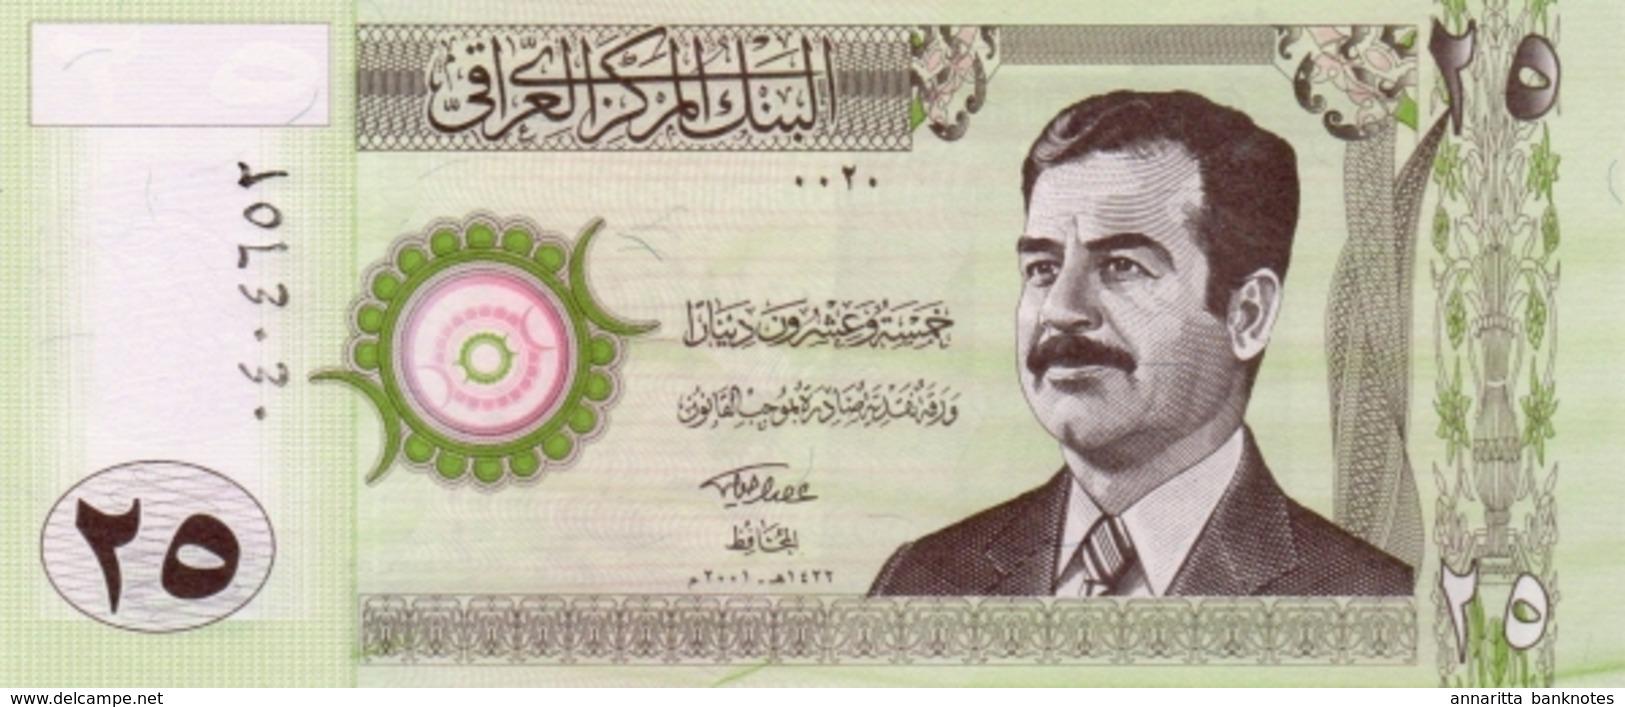 IRAQ 25 DINARS 2001 P-86 UNC [IQ342a] - Iraq